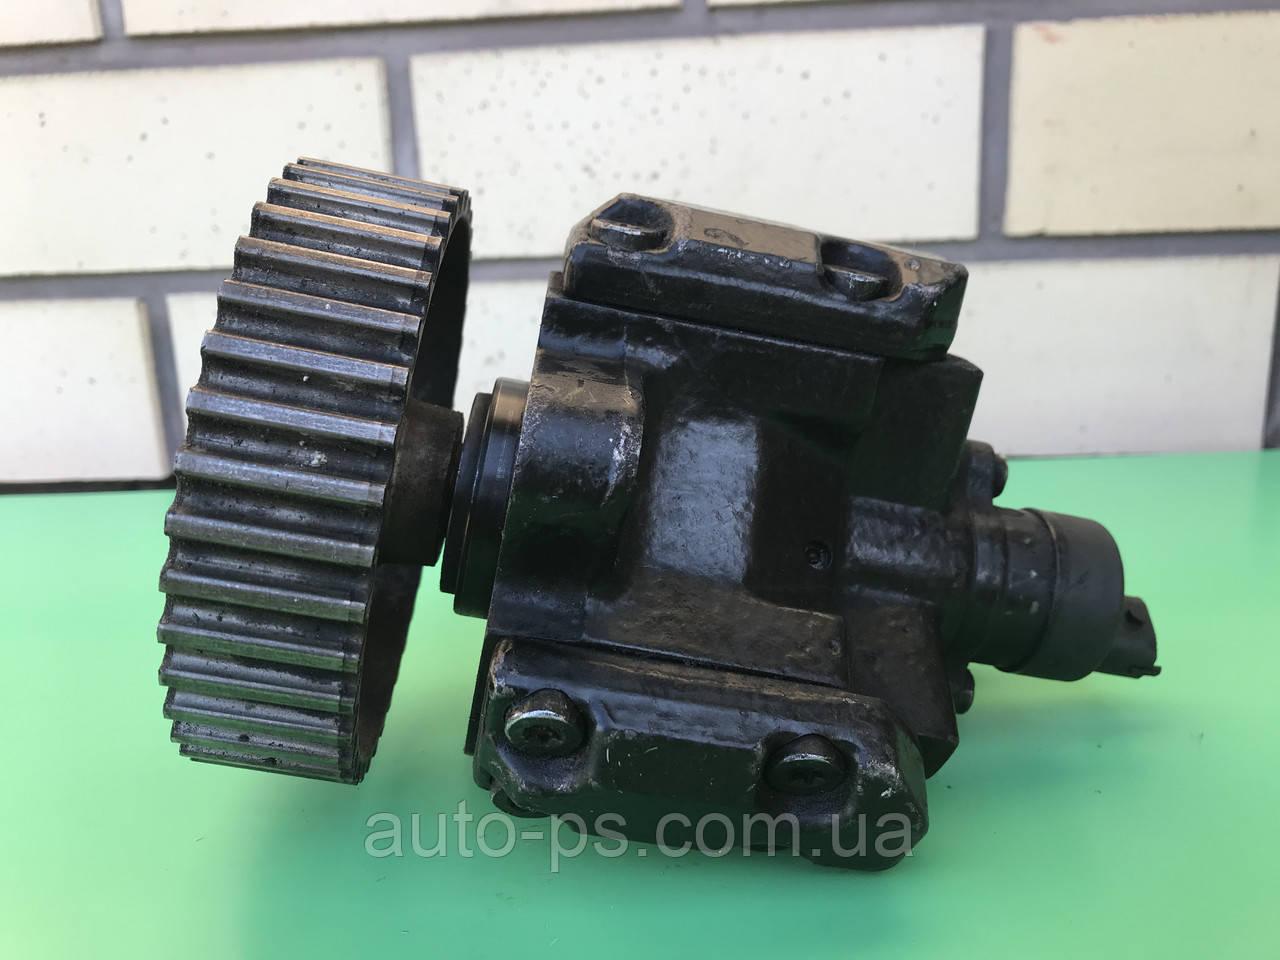 Топливный насос высокого давления (ТНВД) Fiat Punto 1.9JTD 1999-2012 год.